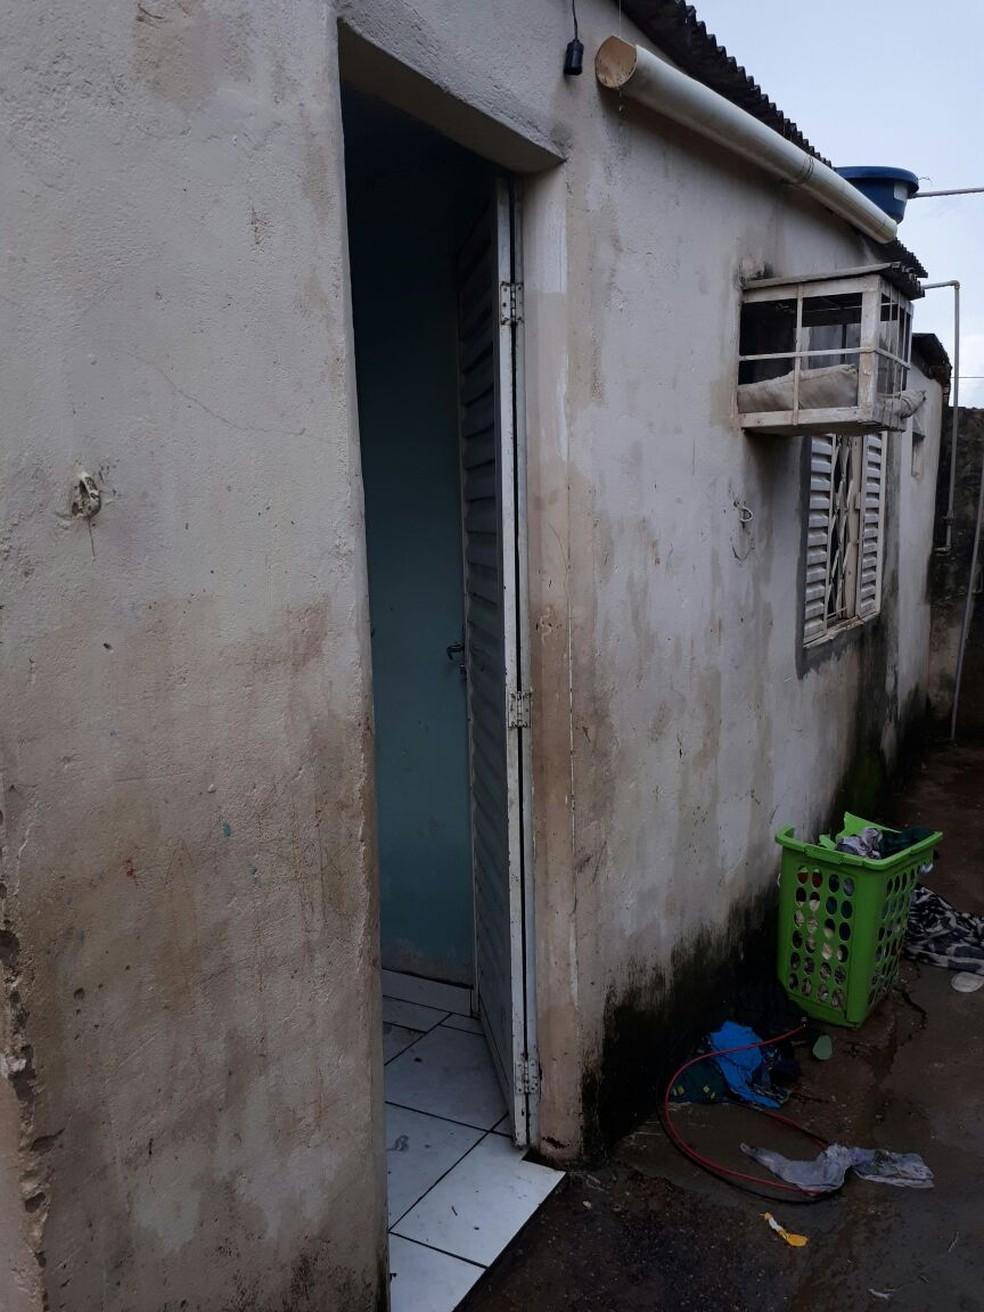 Segundo a Deddica, crianças viviam em condições desumanas, trancadas em um cômodo e em total abandono foram resgatadas (Foto: Polícia Civil de MT/Assessoria)